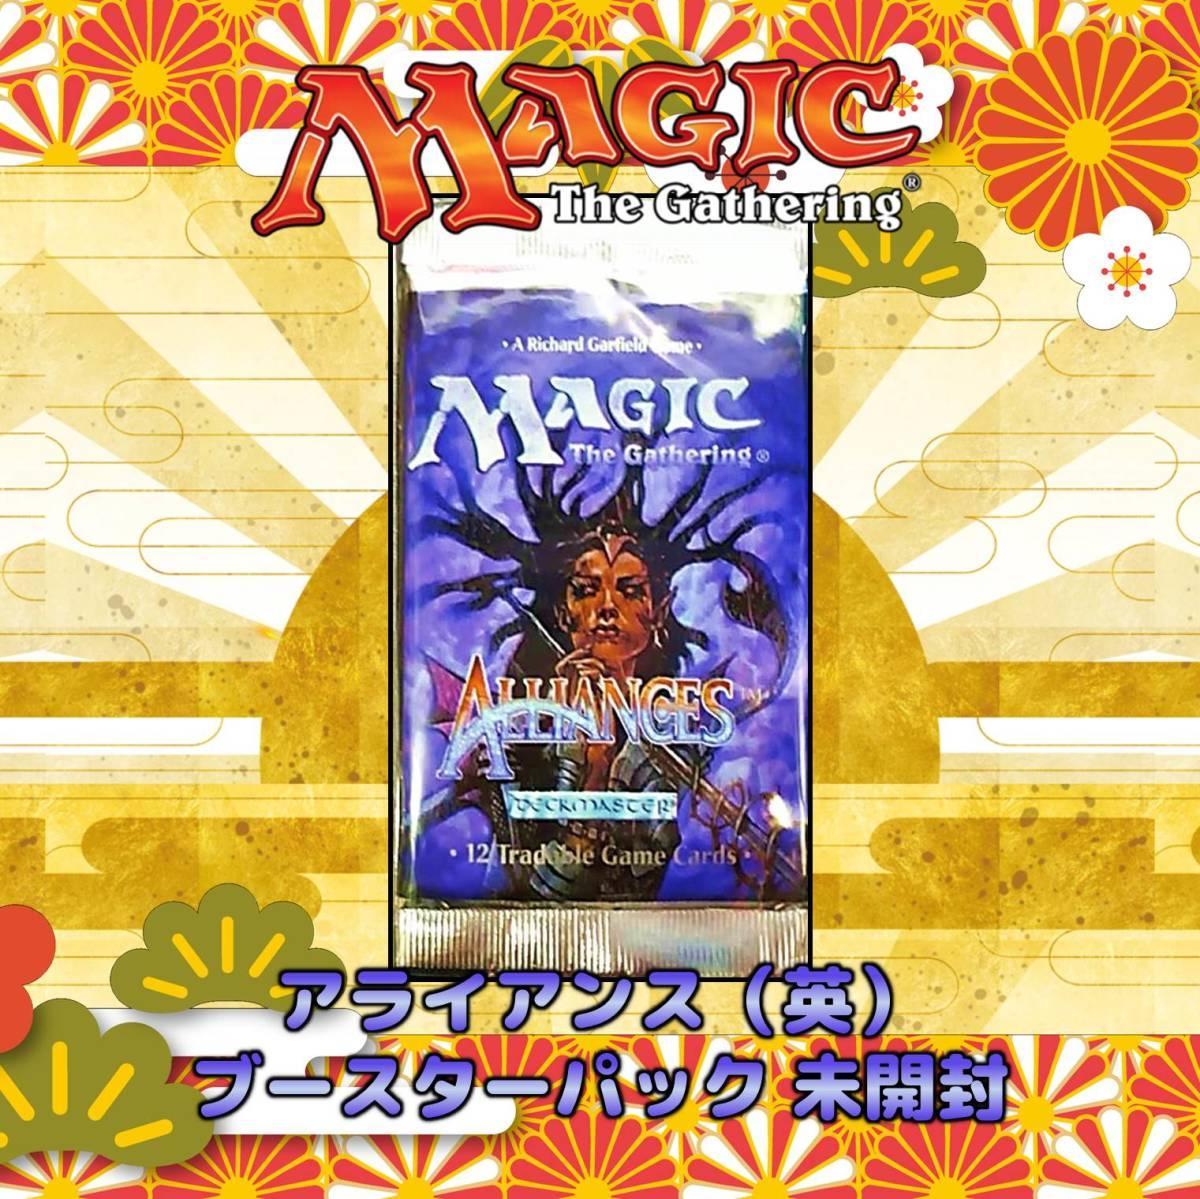 [1円] MTG アライアンス ブースターパック 未開封 英語版 マジックザギャザリング Alliances 5_画像1